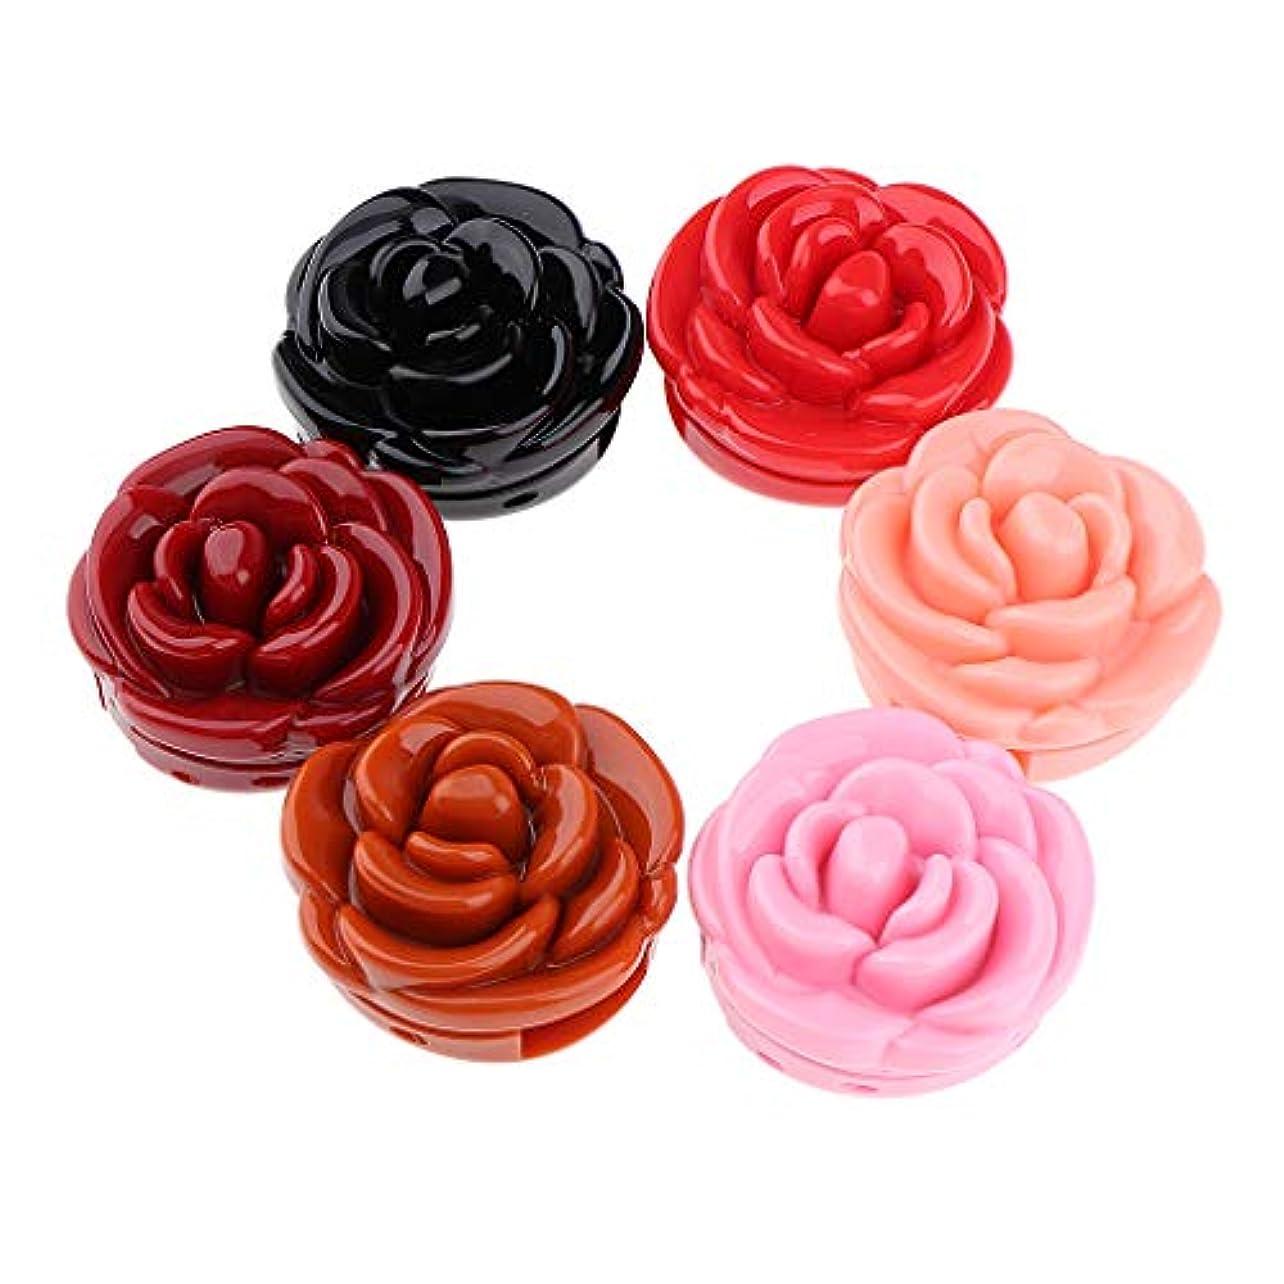 地獄なめる繊毛防水口紅 リップクリーム 美容 化粧品 メイクアップツール 6色セット